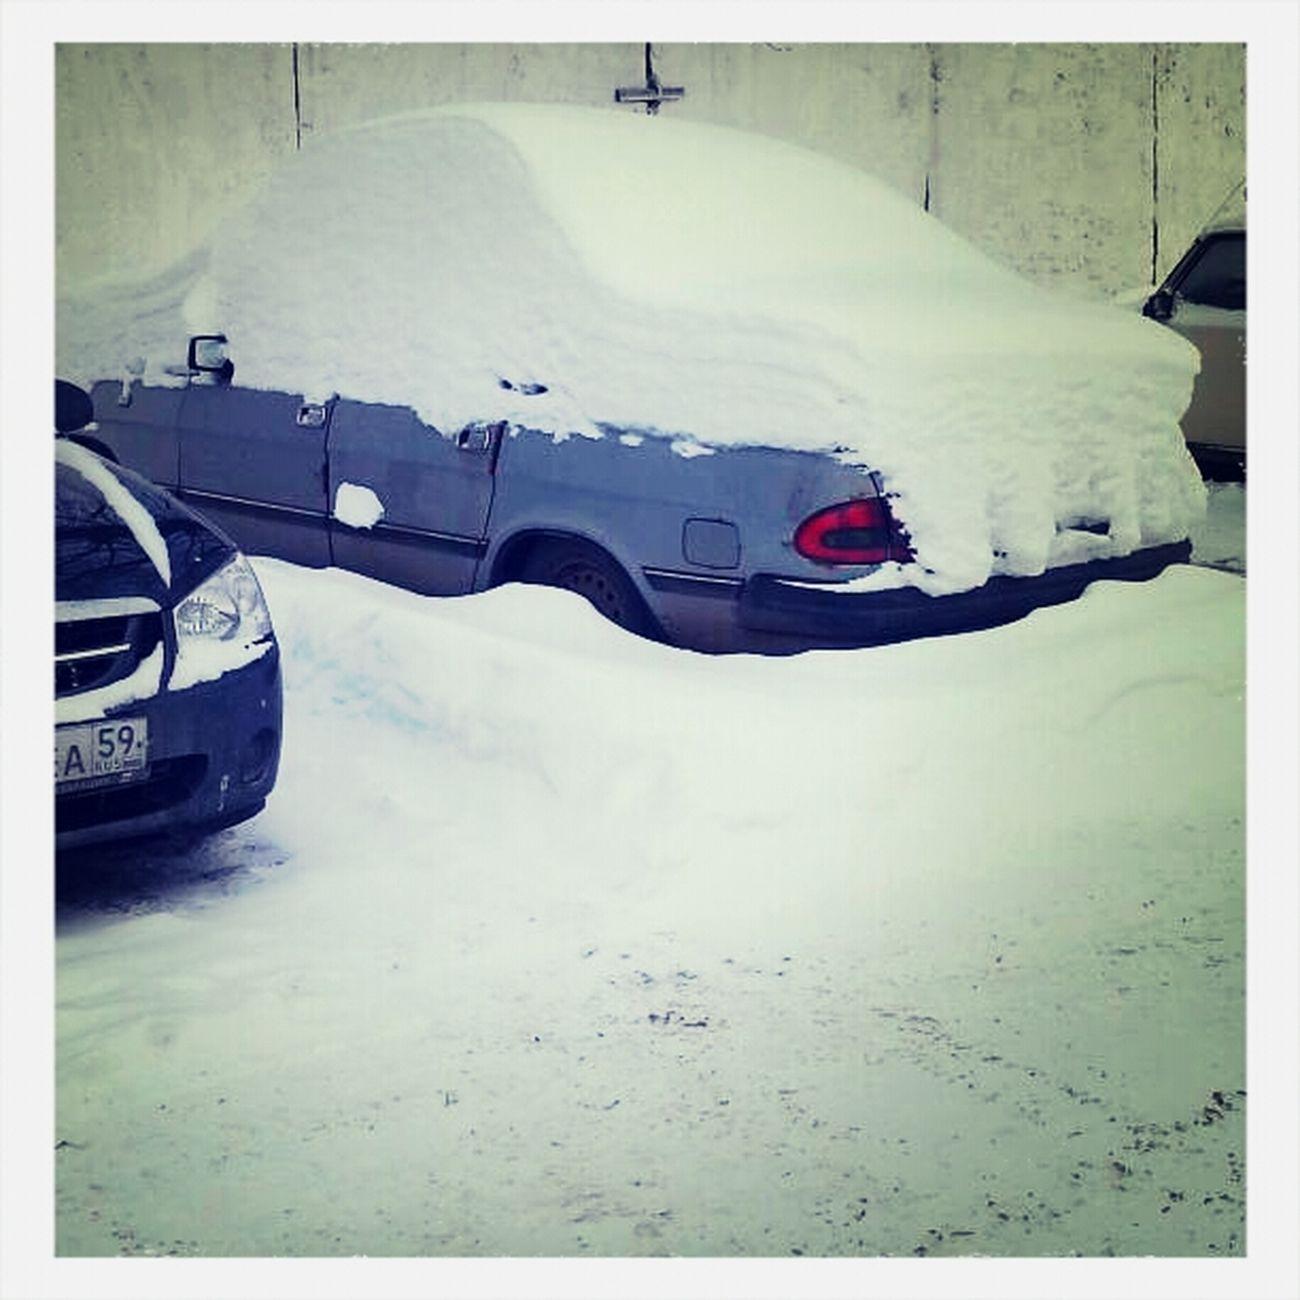 Russian winter :D